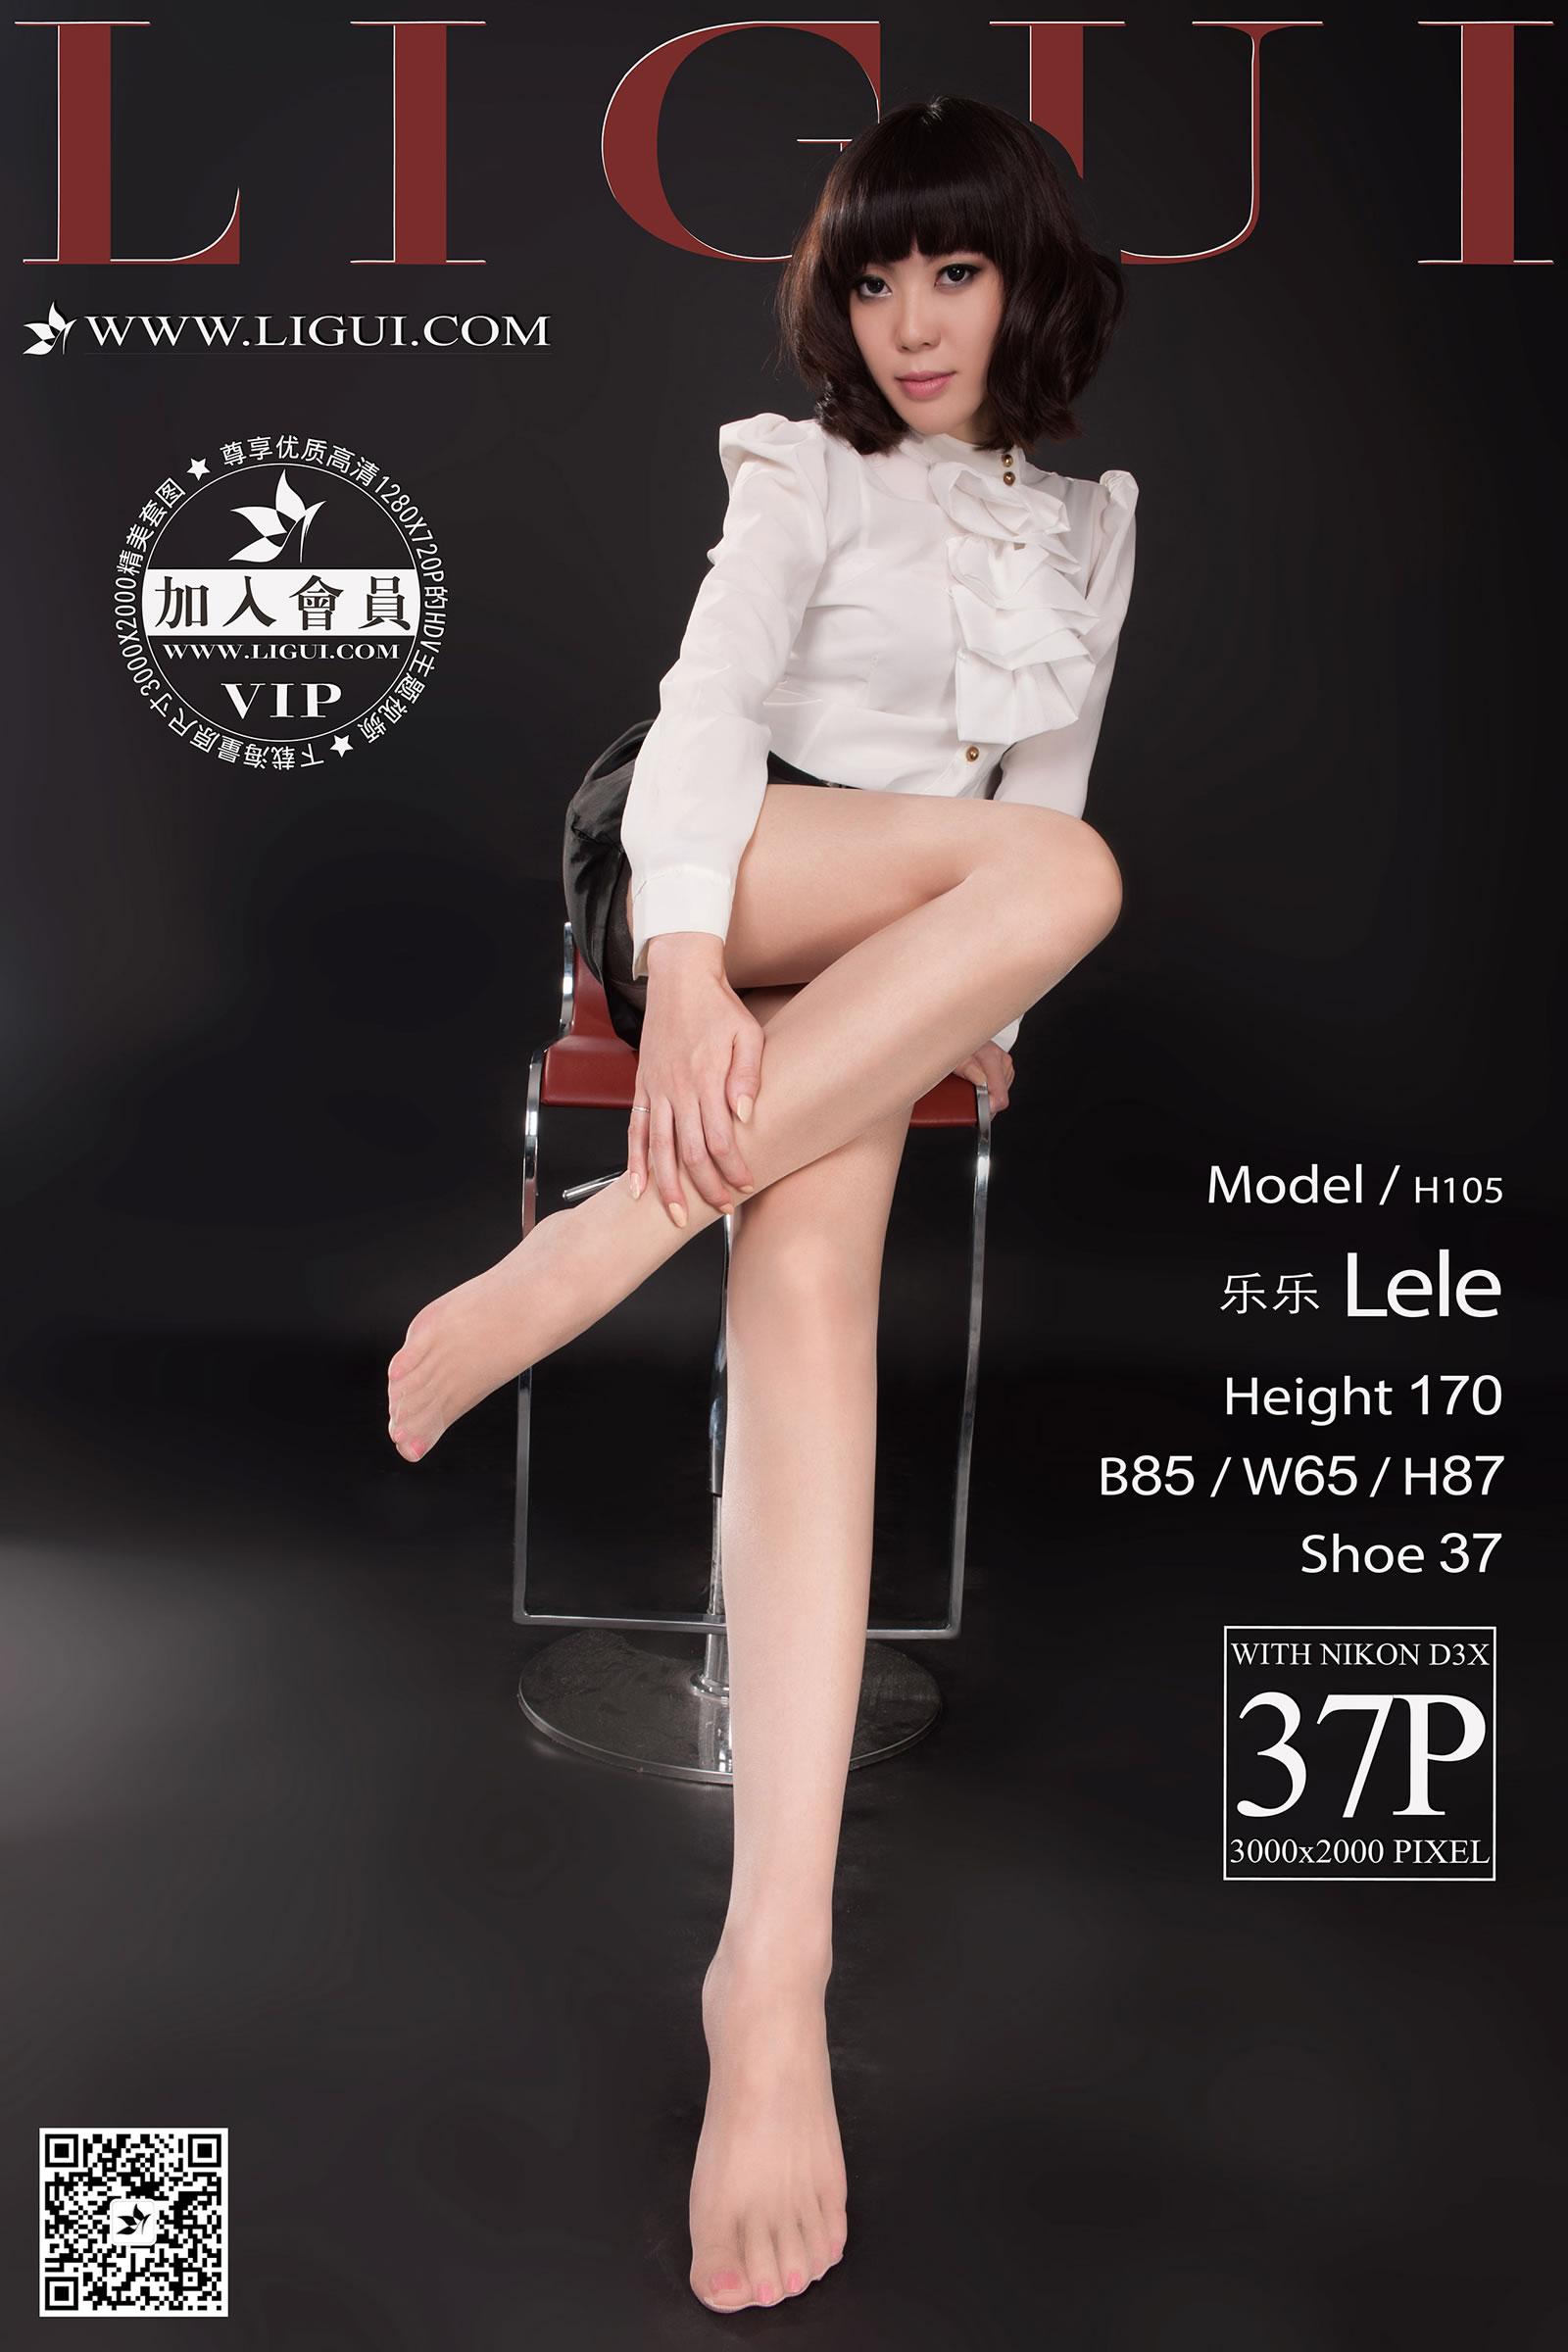 丽柜会所 Model 乐乐黑色OL制服装短裙肉丝美腿写真 https://img.shzx.org/file/2016/06//20/de88bbd88a0b4d1655fe3992abbab872.jpg